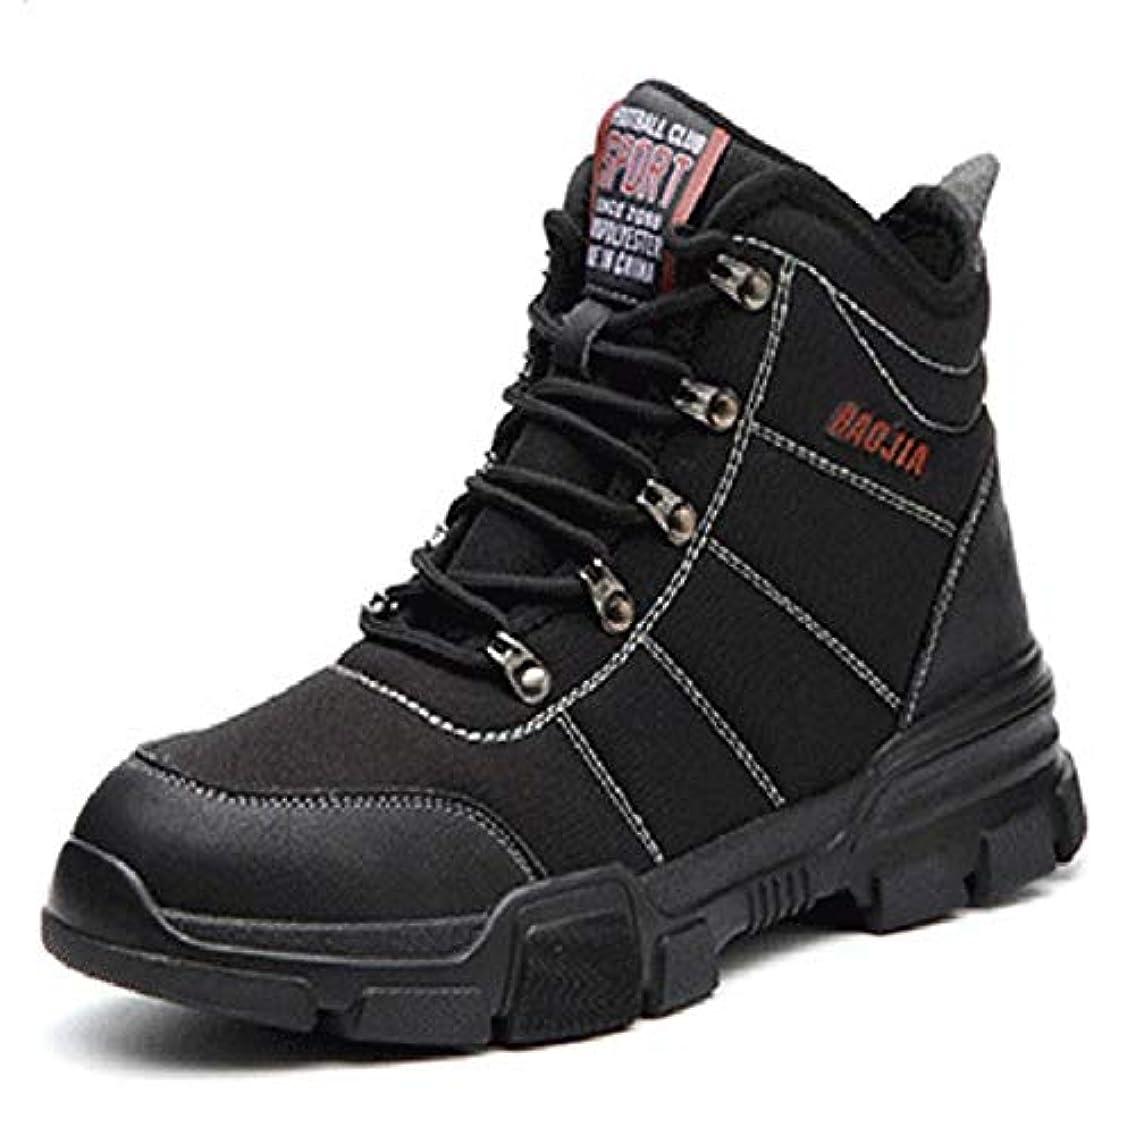 眠りウェブ従事したメンズレディース用安全靴、冬の快適な産業建設耐性テニス労働安全靴スリップウォーム (Color : Black, Size : 42)